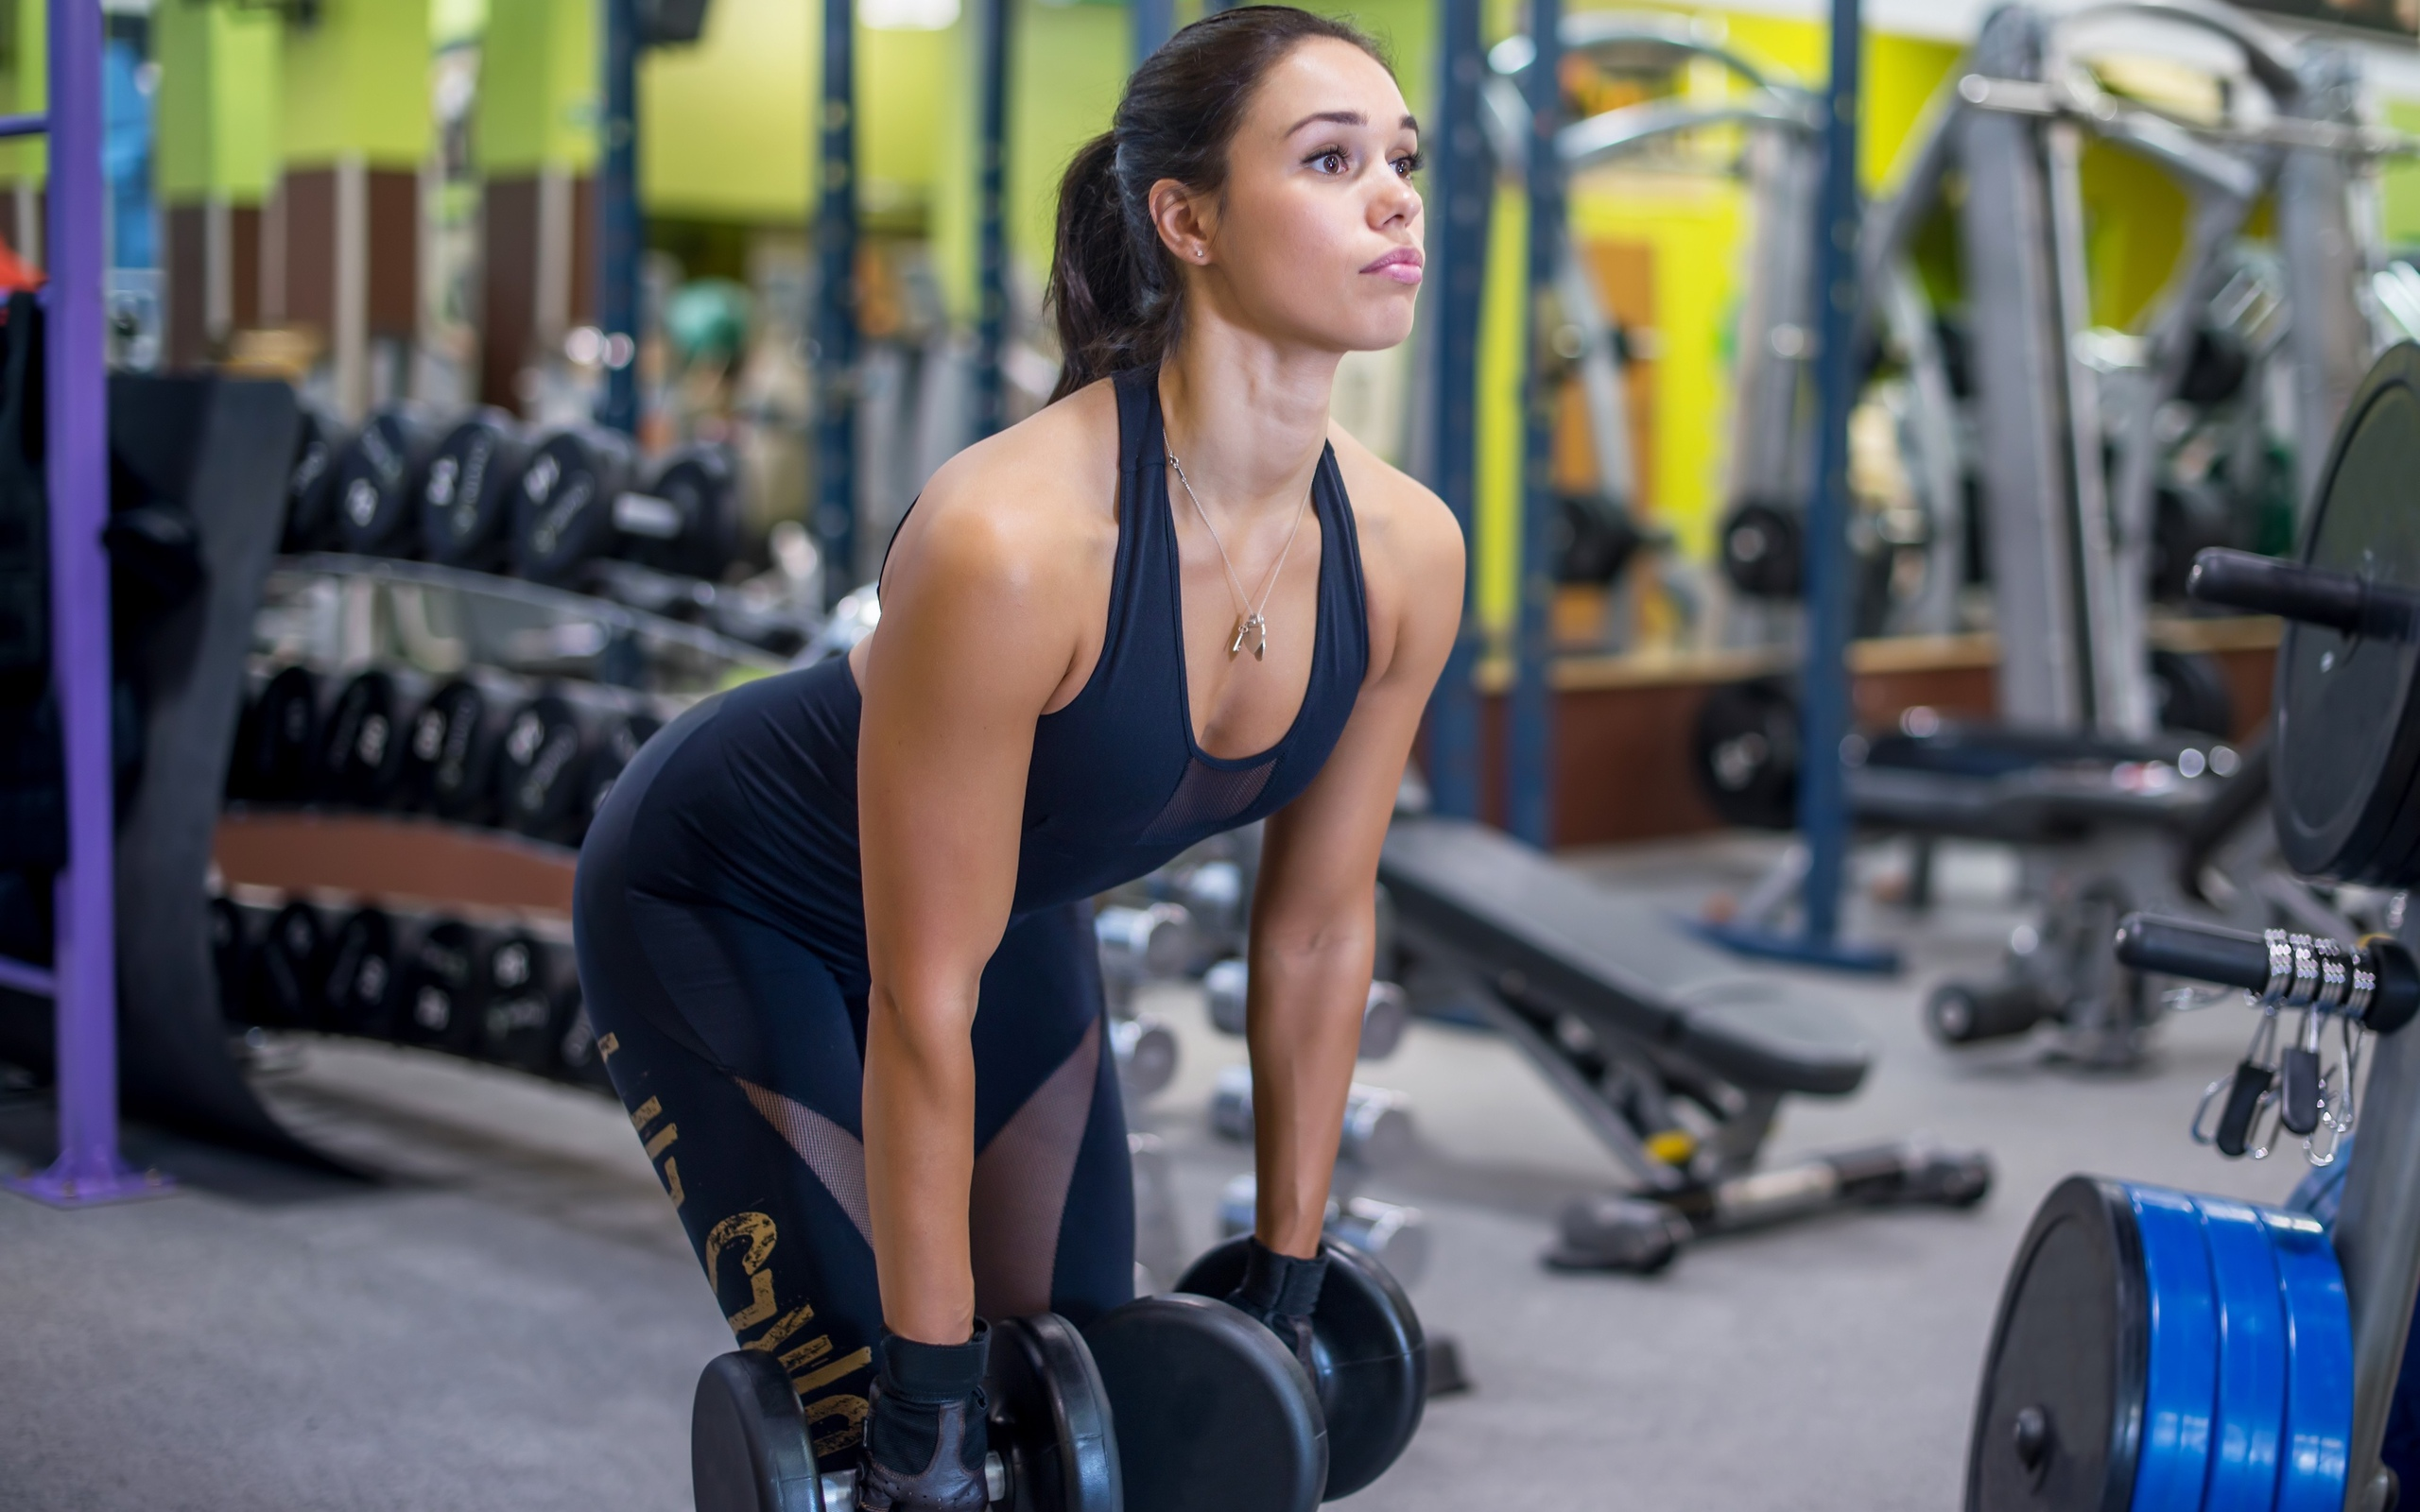 девушка, спорт, фитнесс